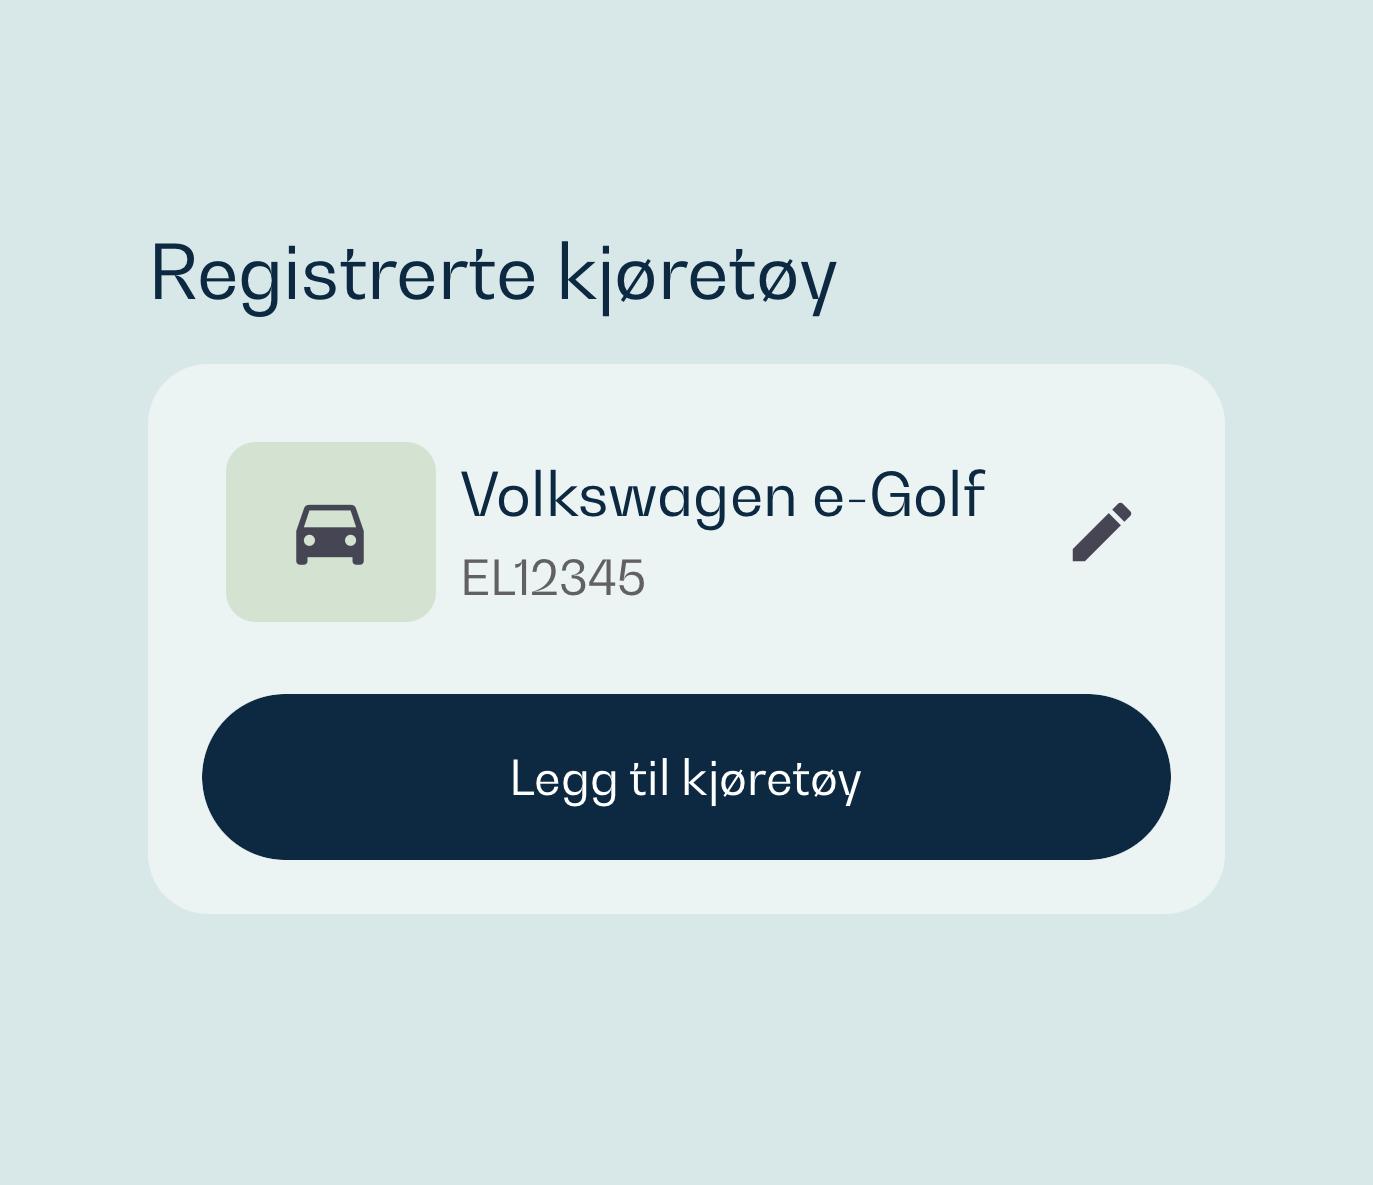 Skjermbilde av hvordan beboere registrerer kjøretøy i appen